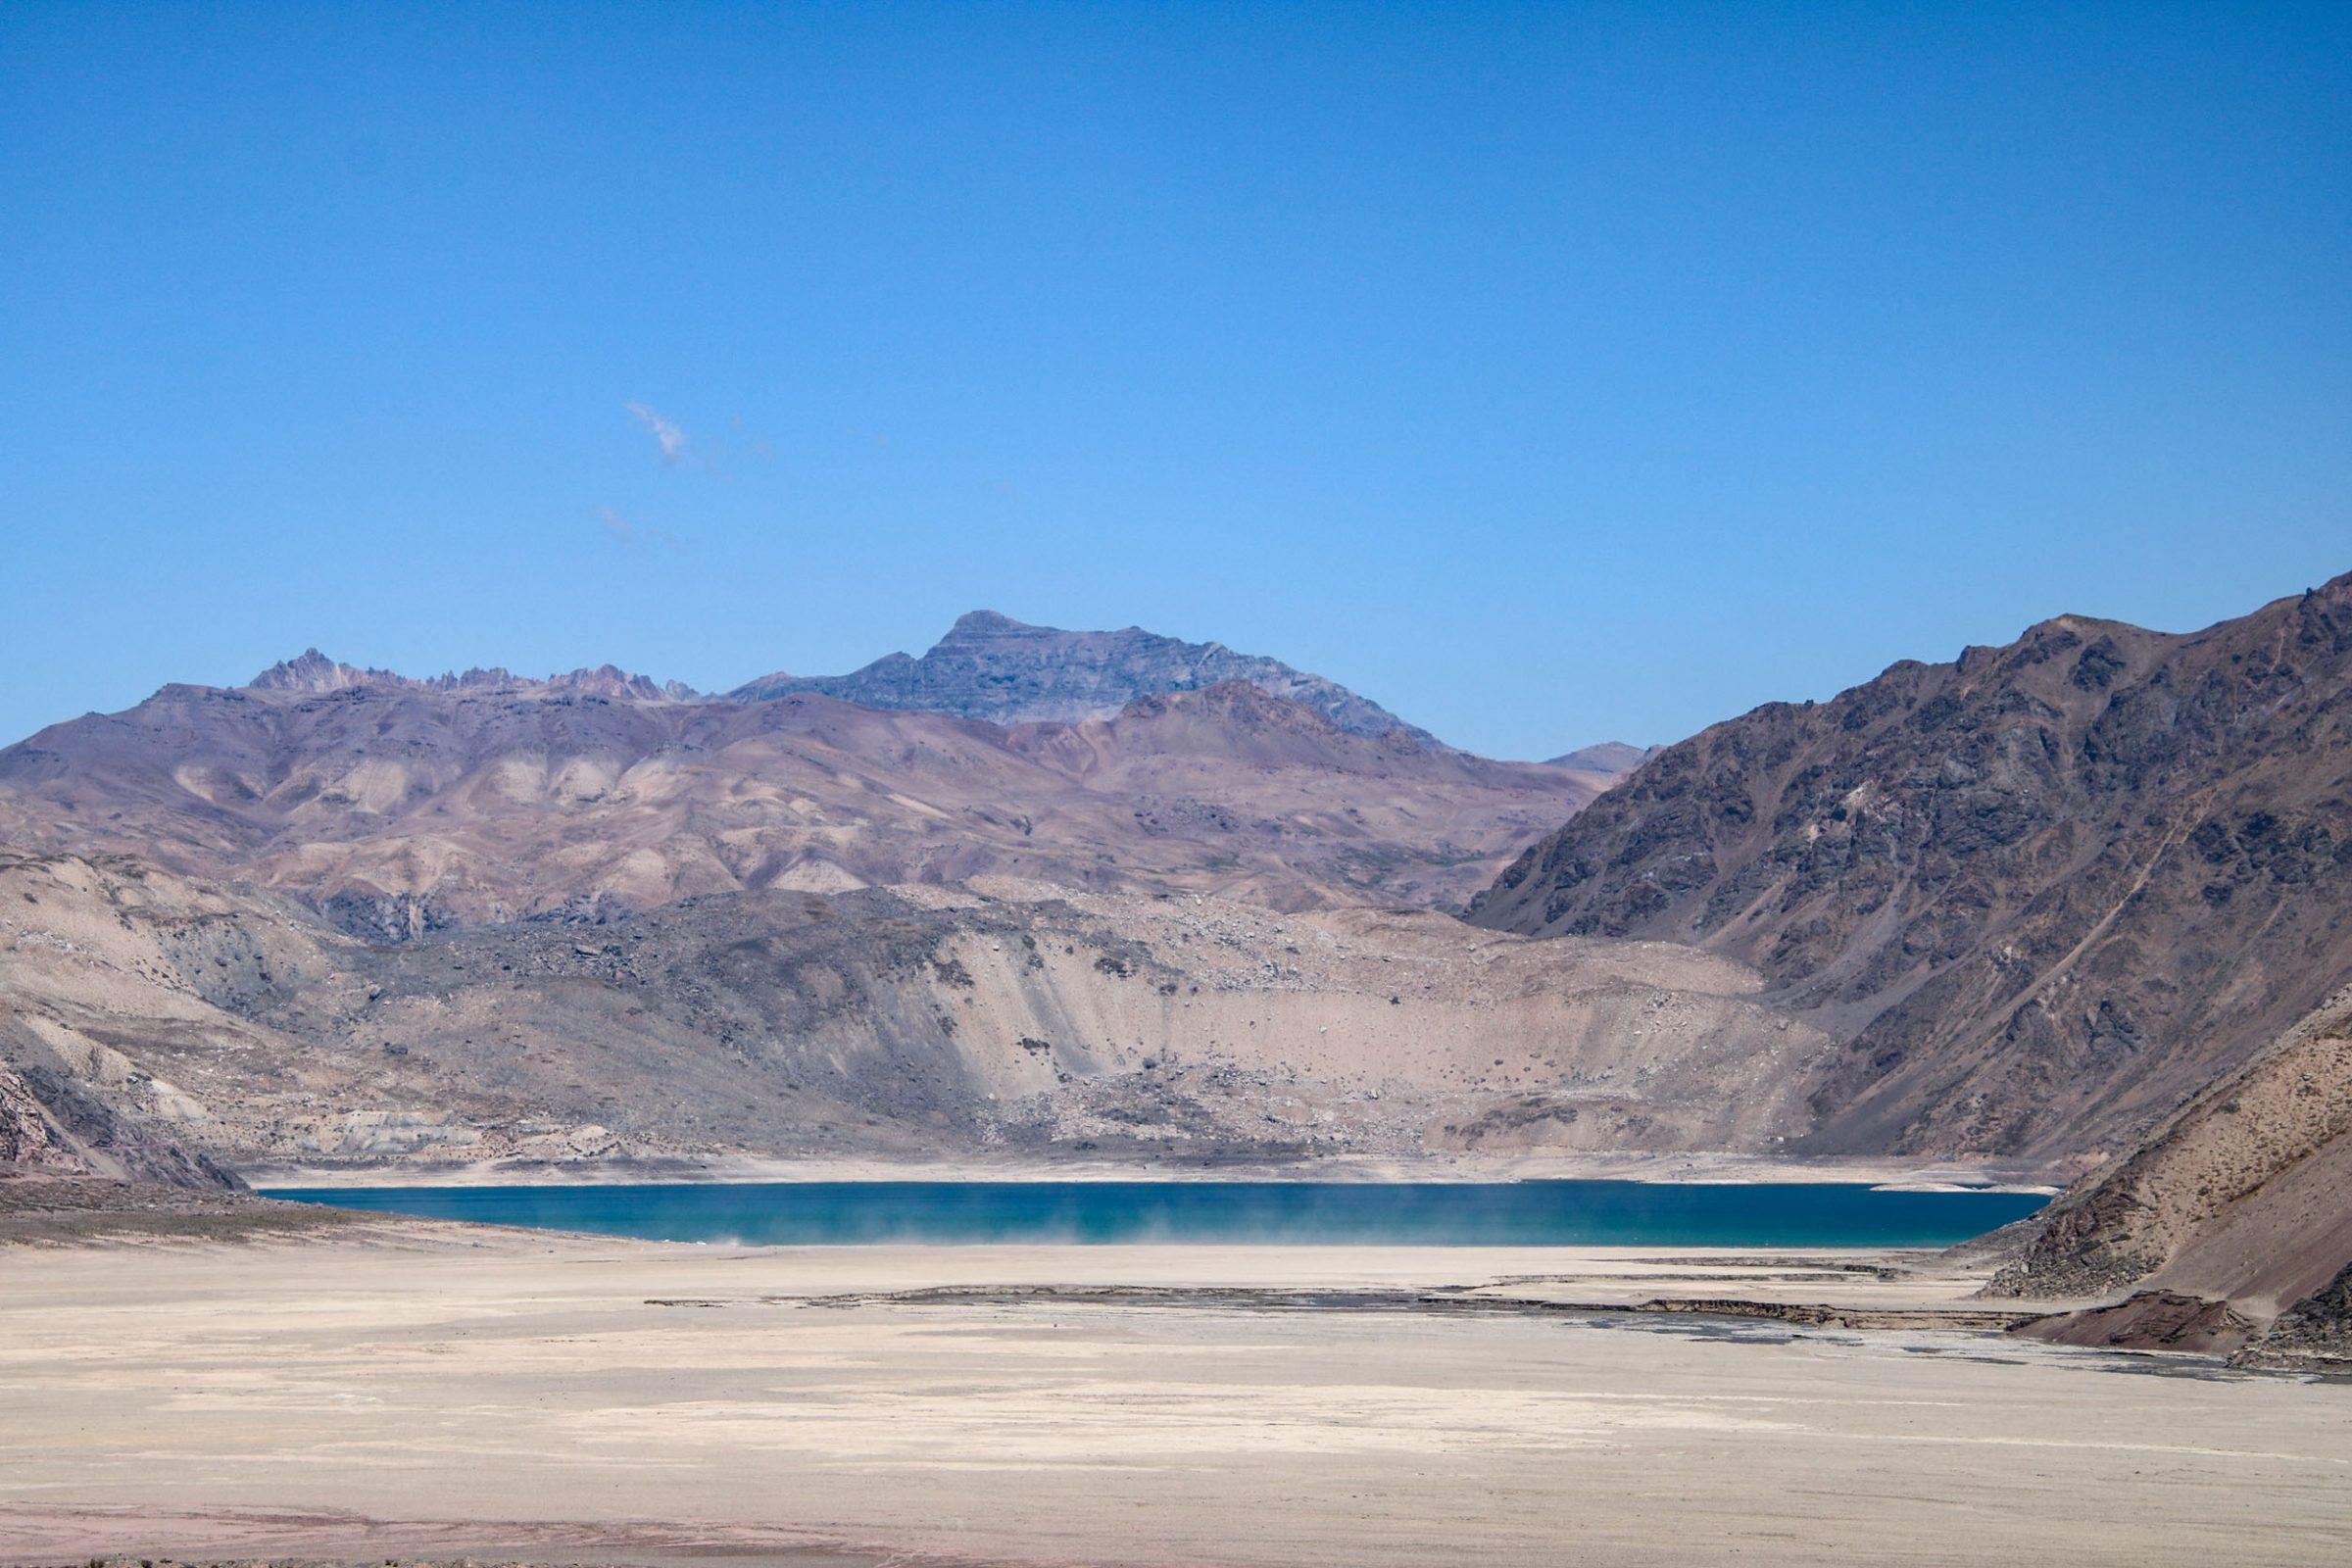 El Embalse El Yeso, en la Cordillera de los Andes, es uno de los más afectados por la sequía. © Rodrigo Barria/ Greenpeace